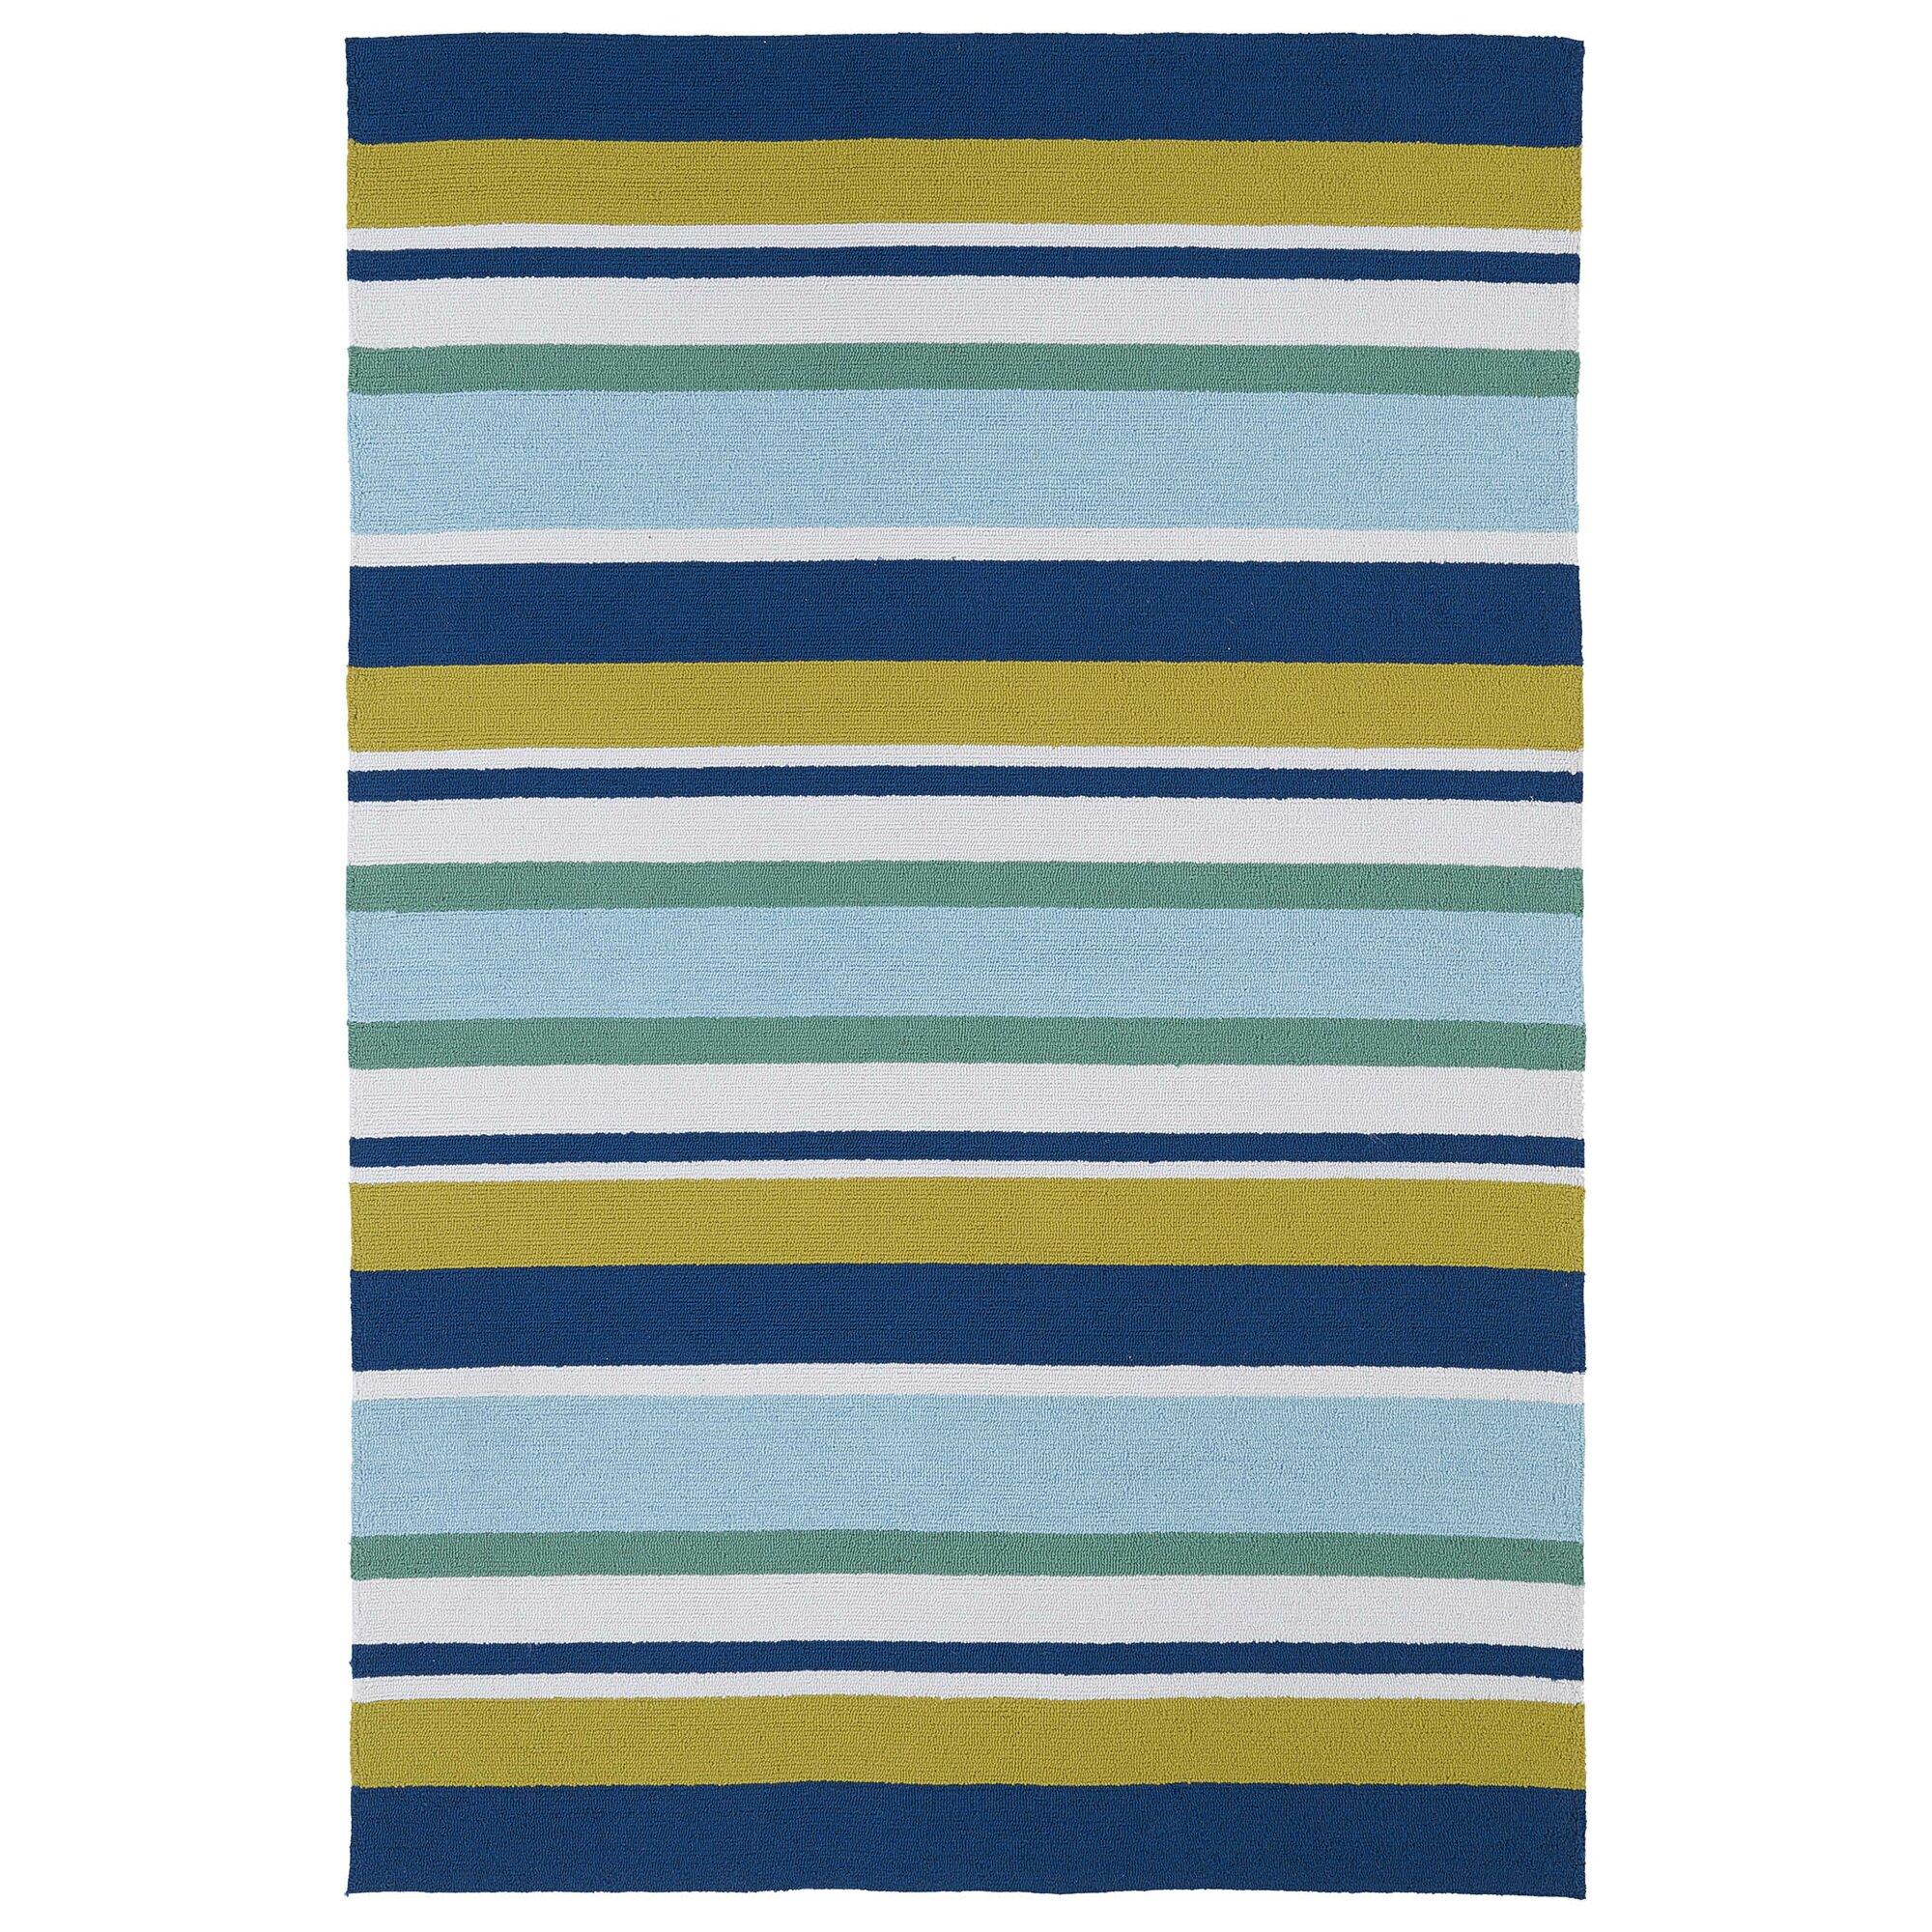 Striped indoor outdoor rugs